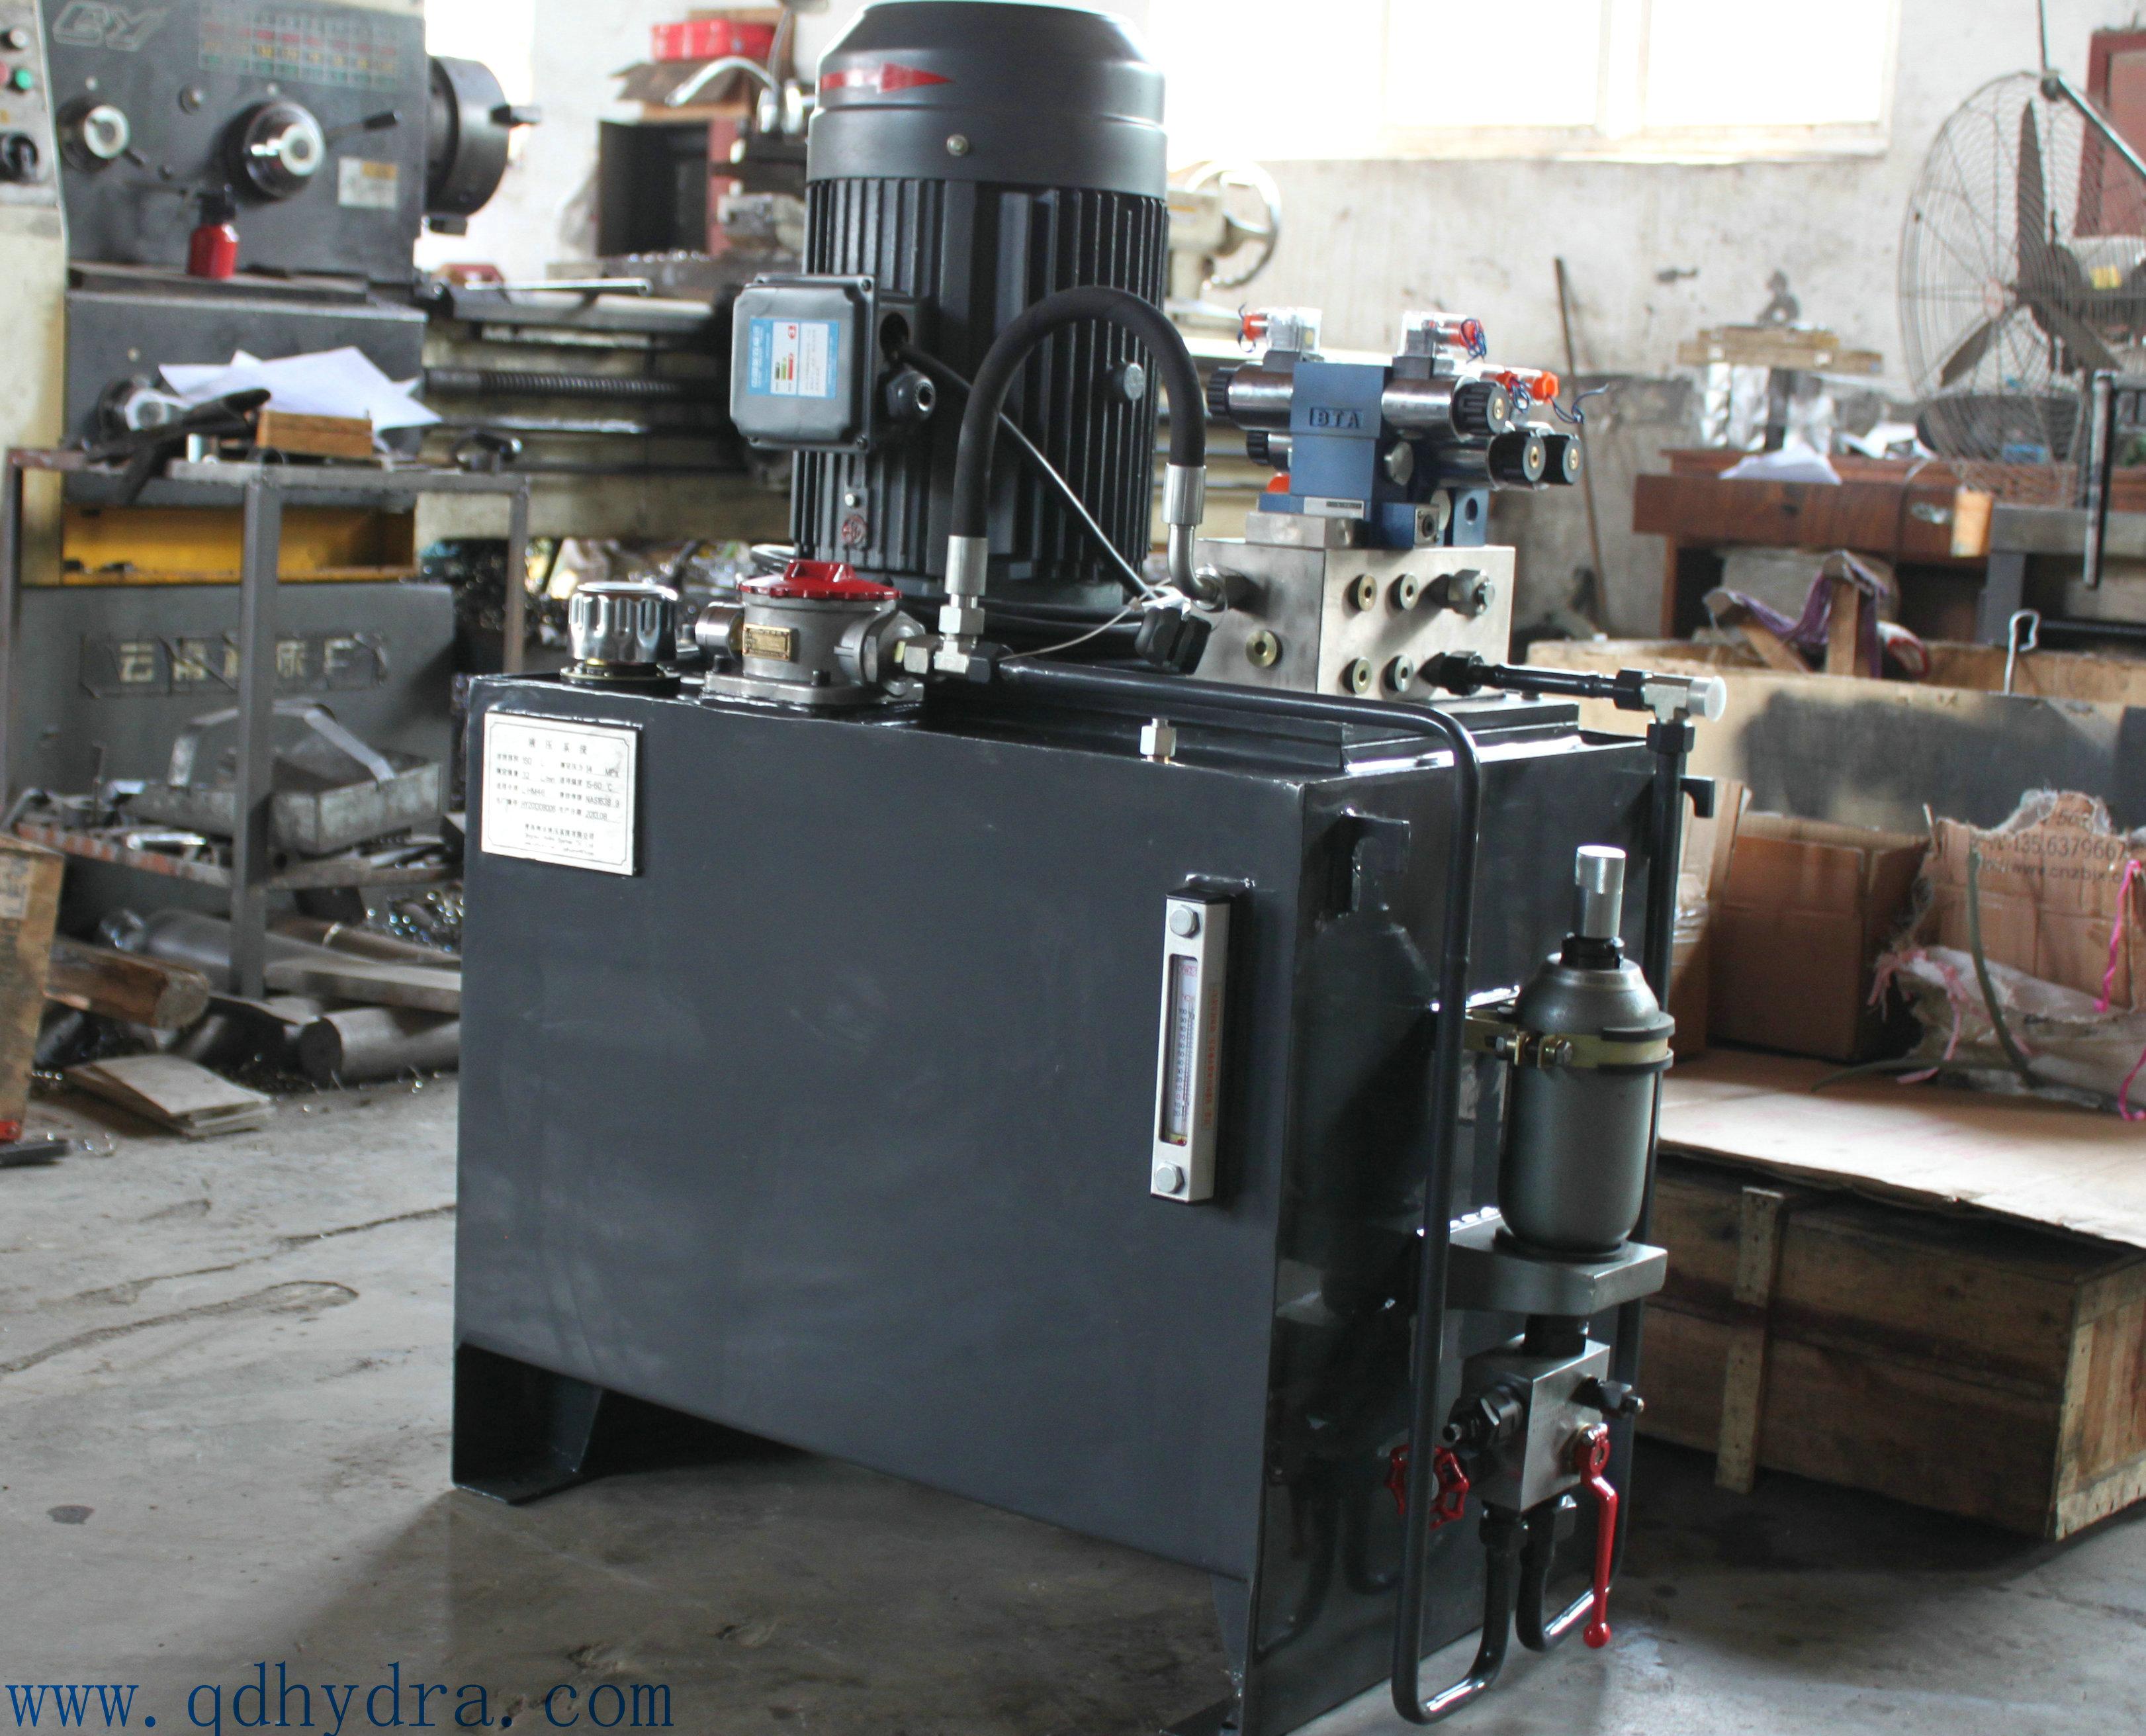 焊接机器人夹紧工装液压系统图片